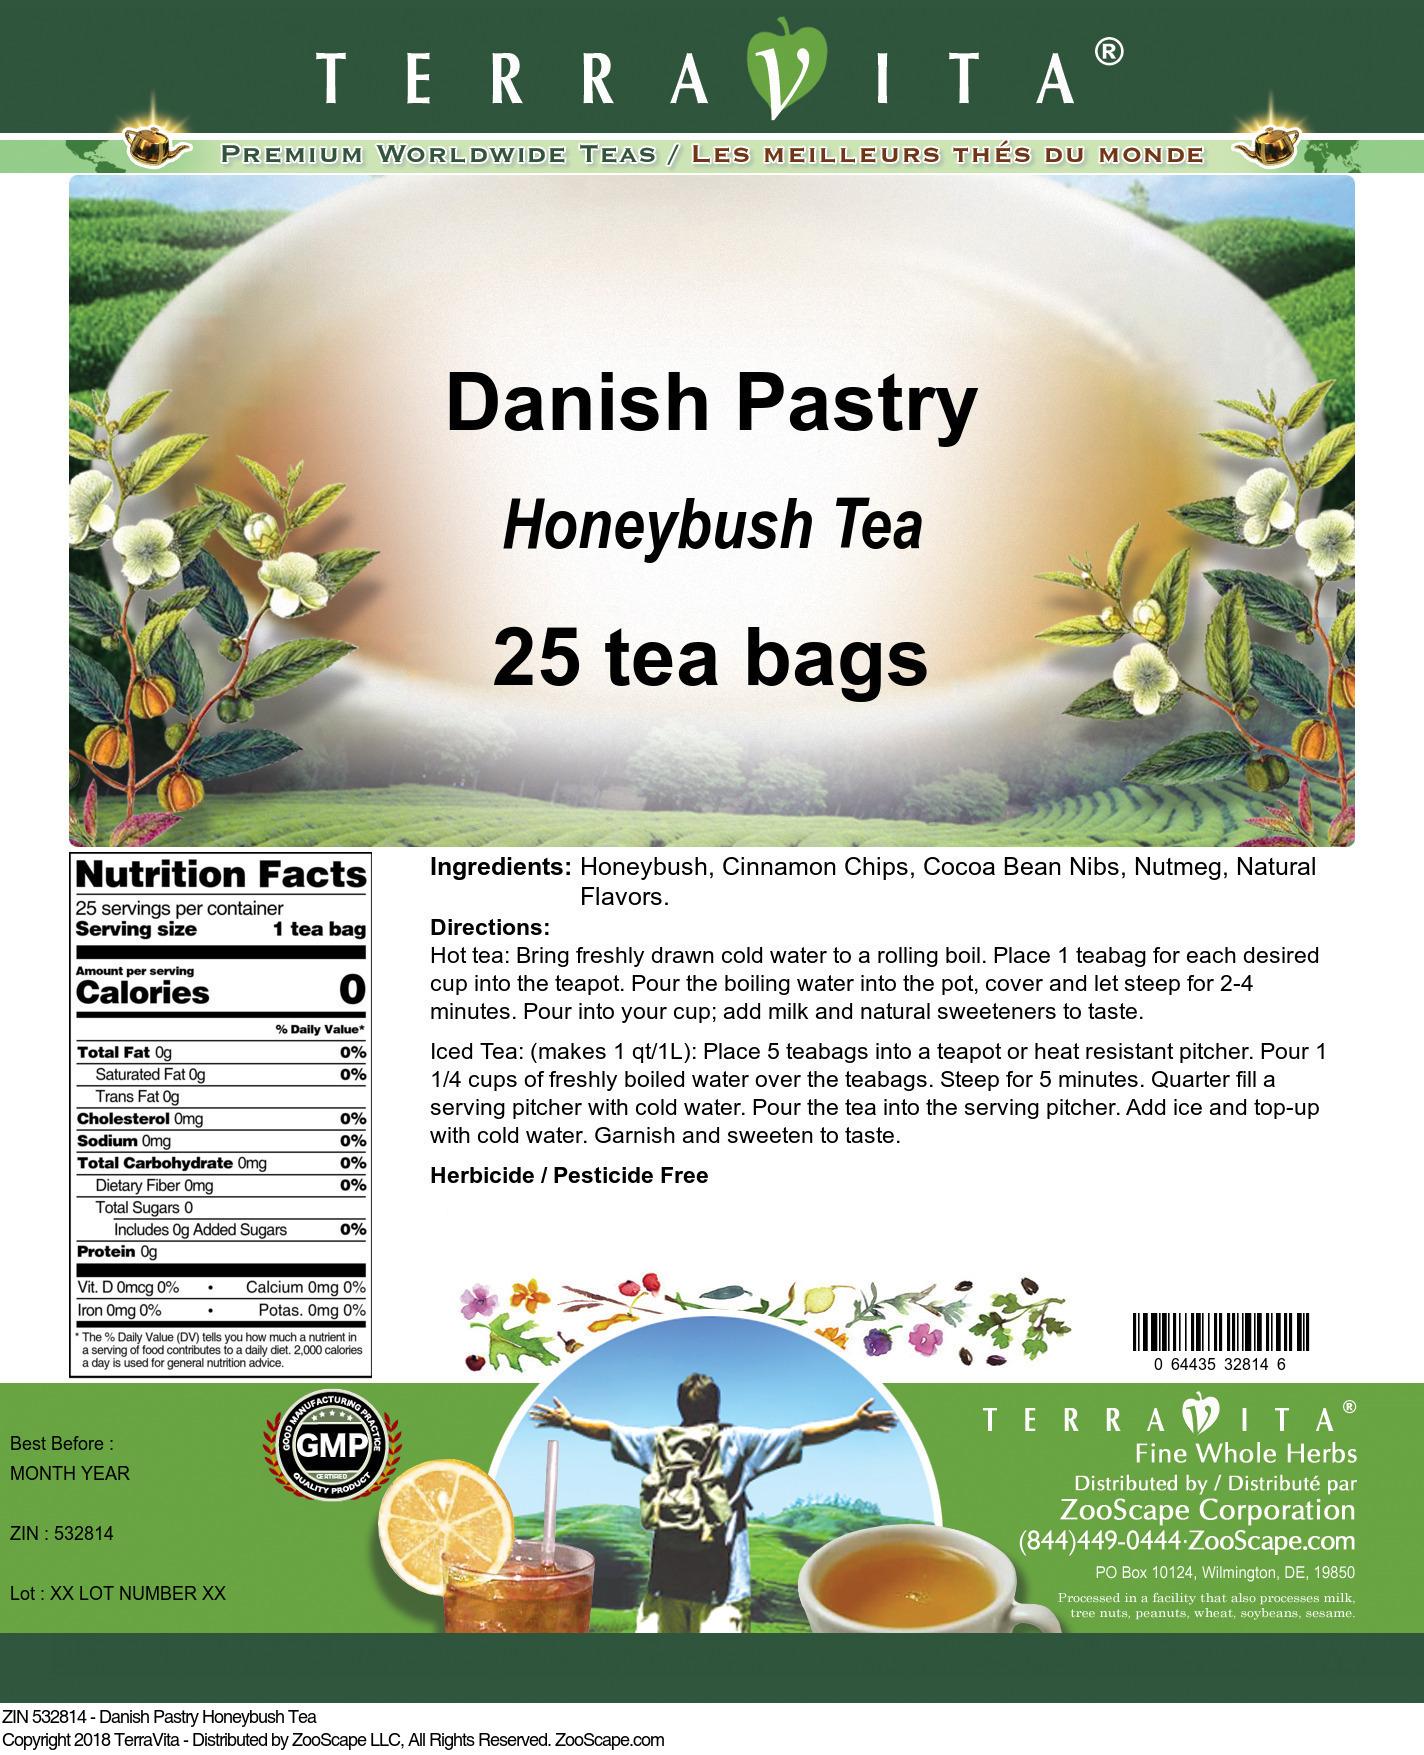 Danish Pastry Honeybush Tea